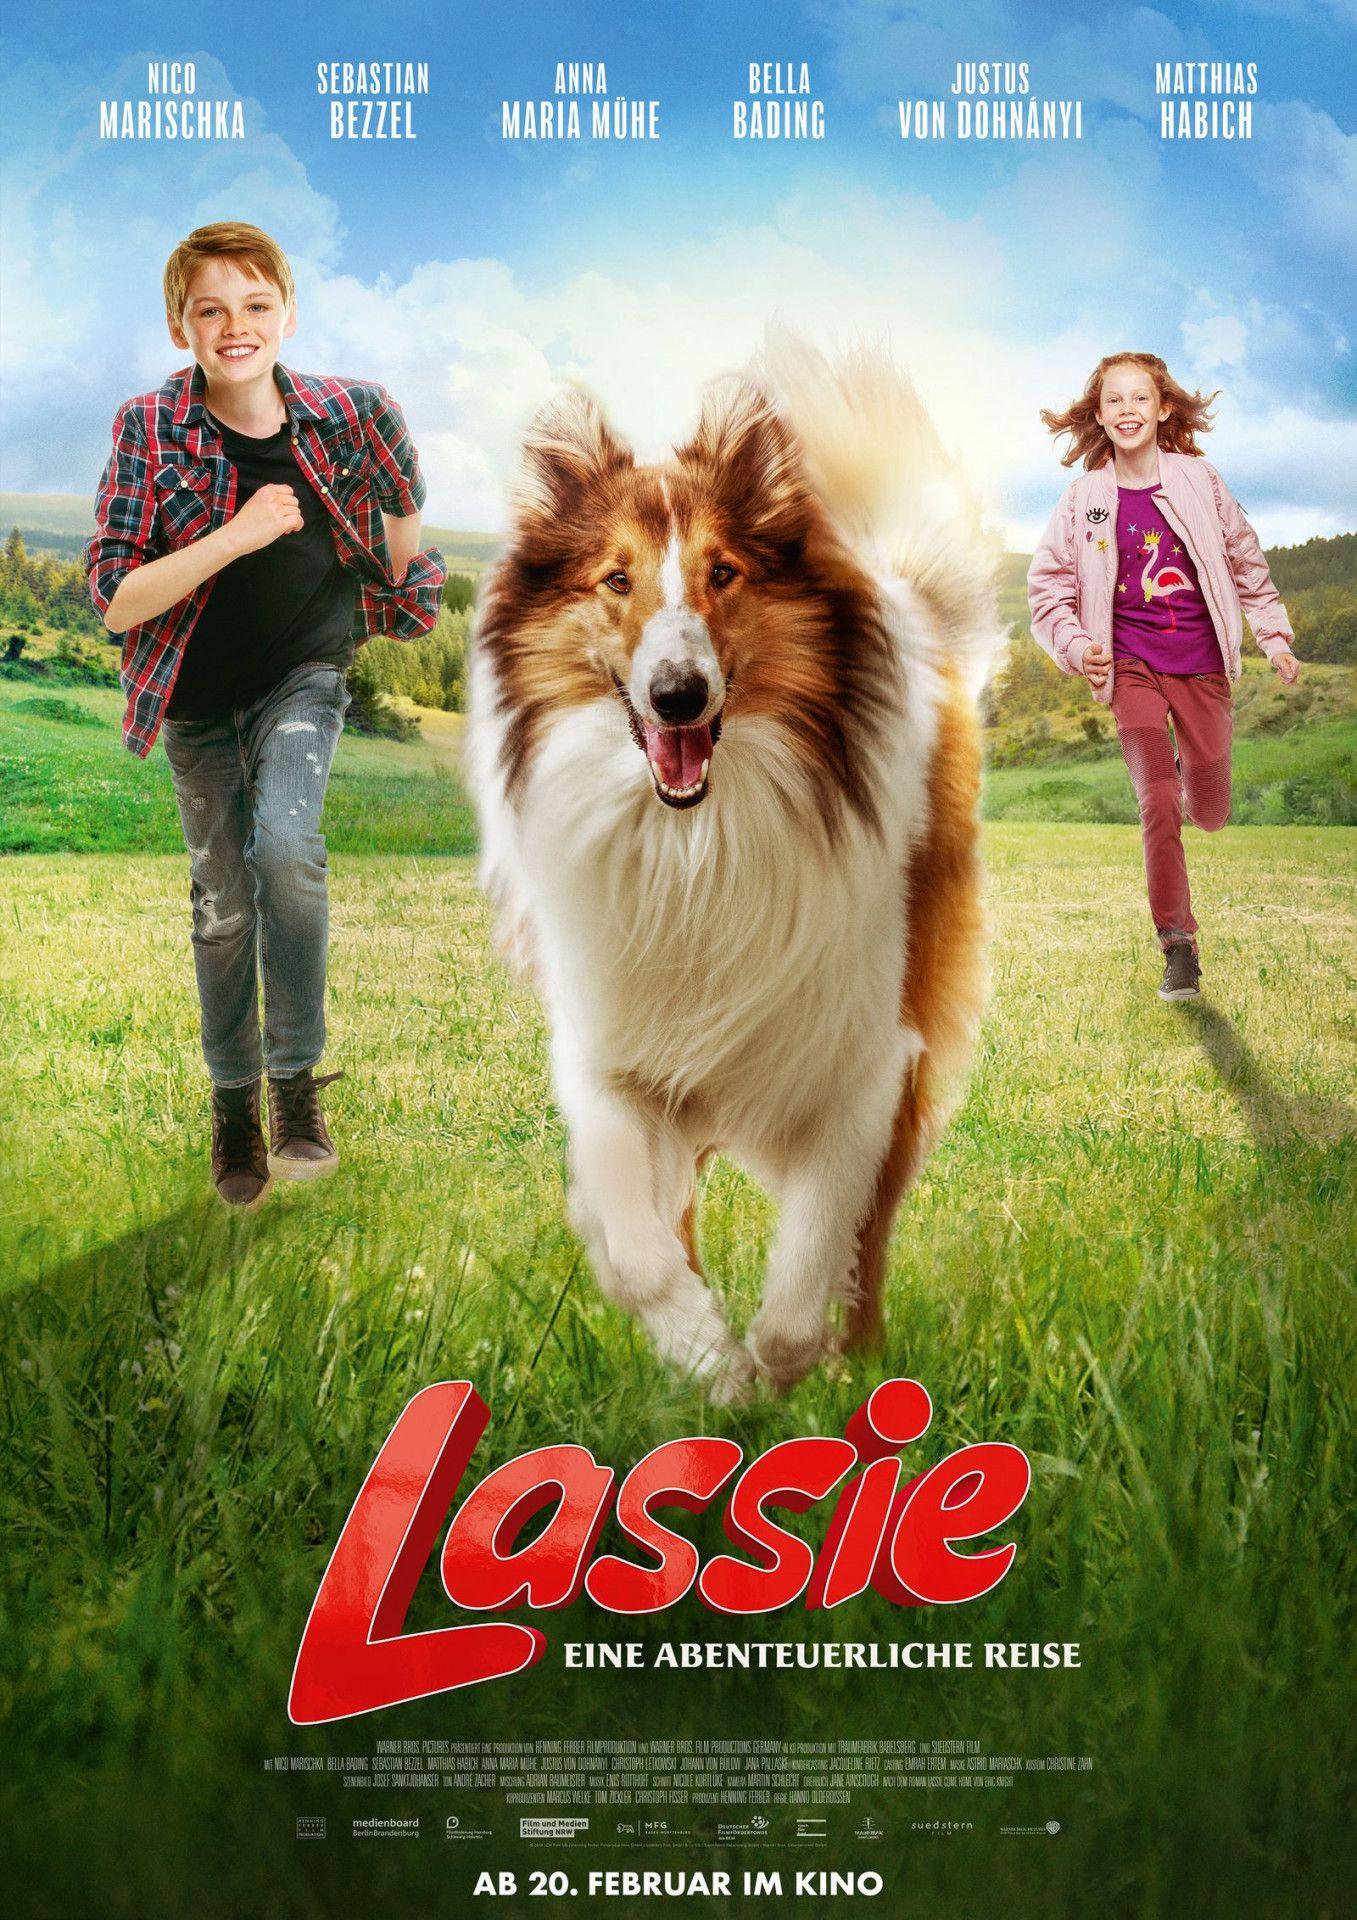 """""""Lassie - Eine abenteuerliche Reise"""" versucht, eine amerikanische Kultfigur auf deutschem Boden wieder zum Leben zu erwecken."""